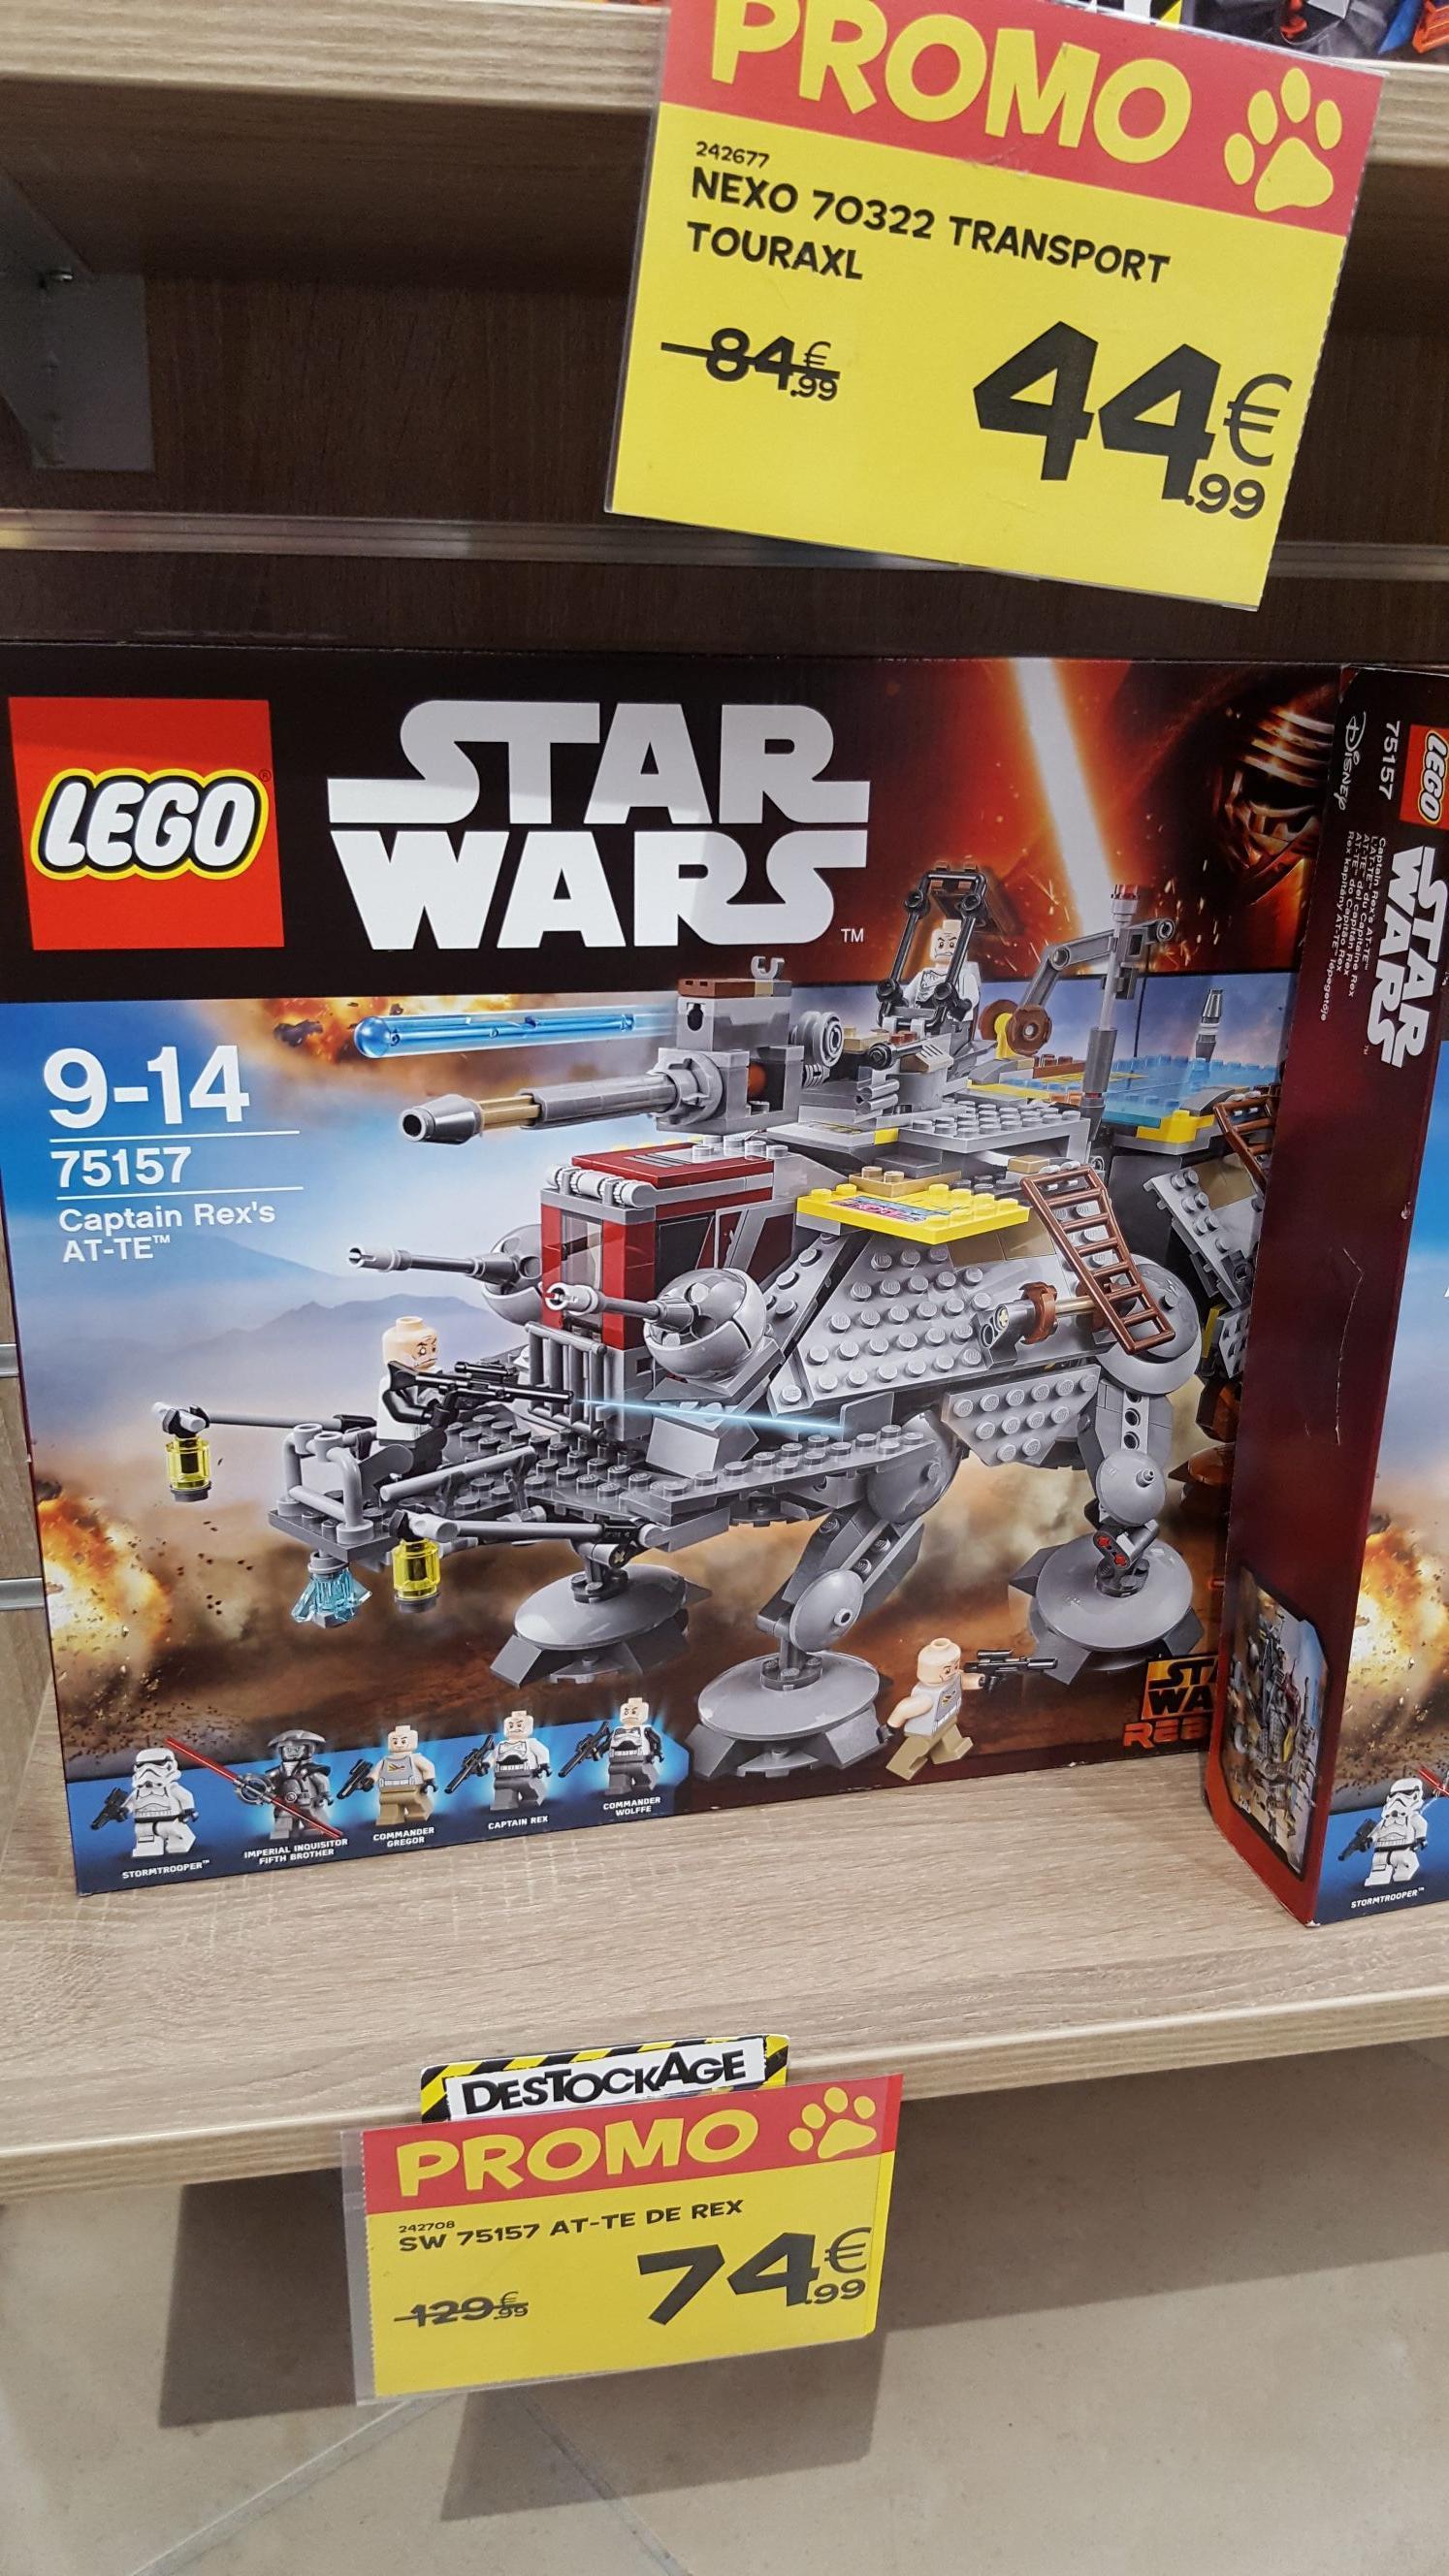 S lection de lego en promotion ex lego star wars 75157 - Code promo king jouet frais de port gratuit ...